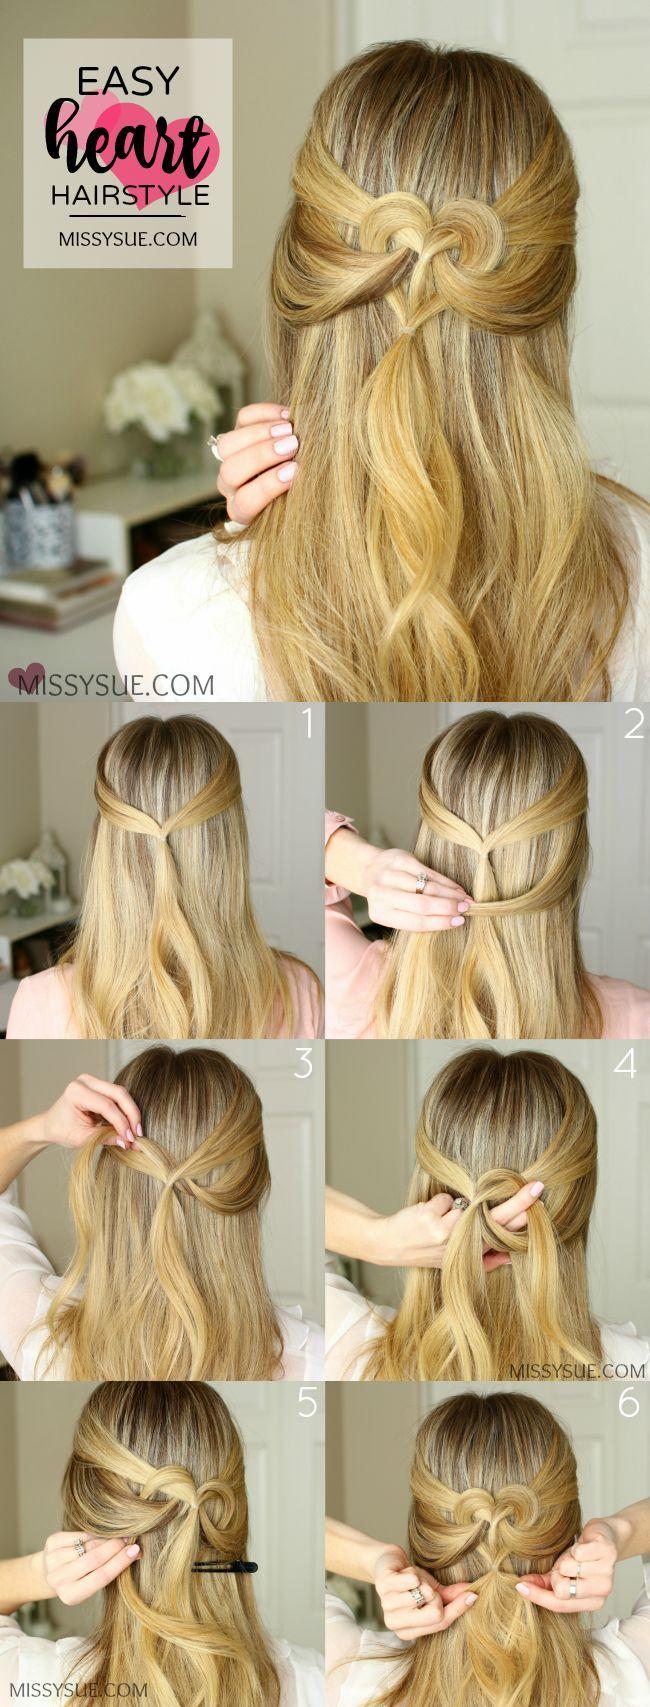 75 best Hair images on Pinterest